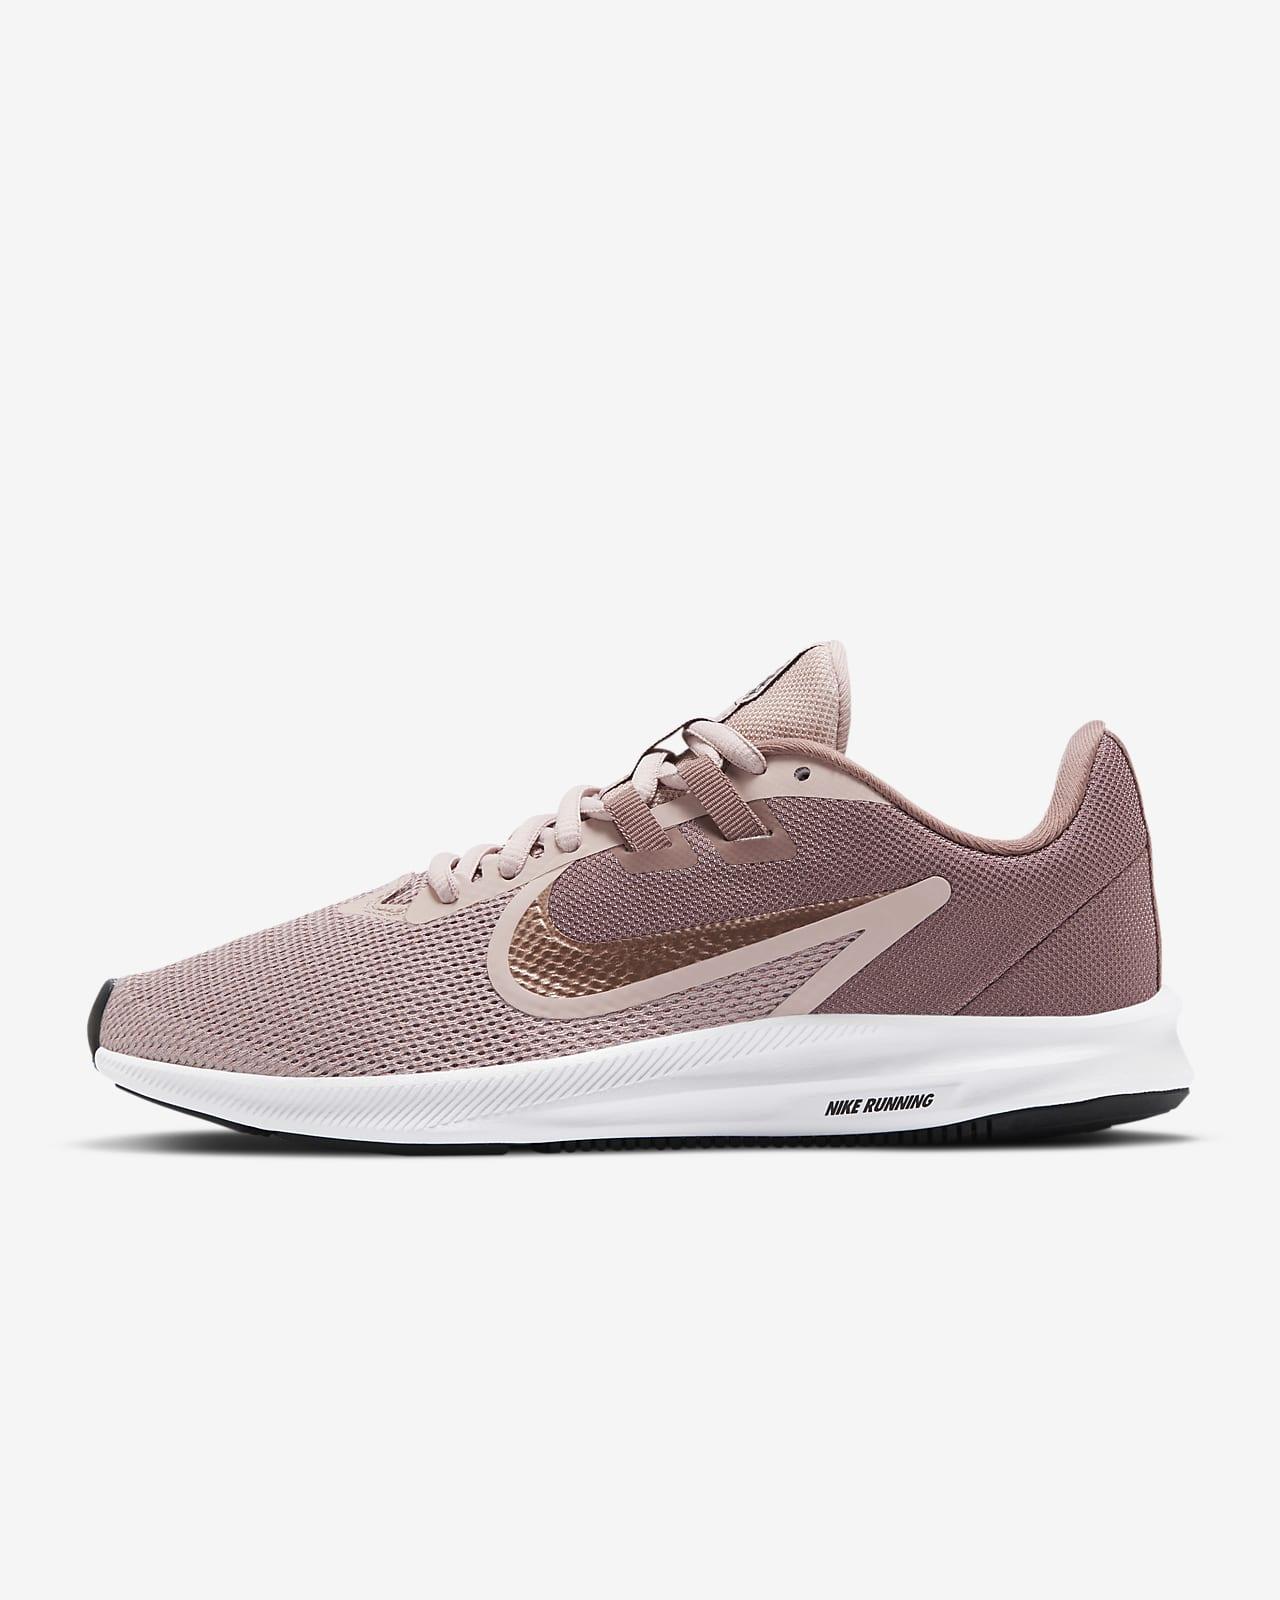 Nike Downshifter 9 女款跑鞋